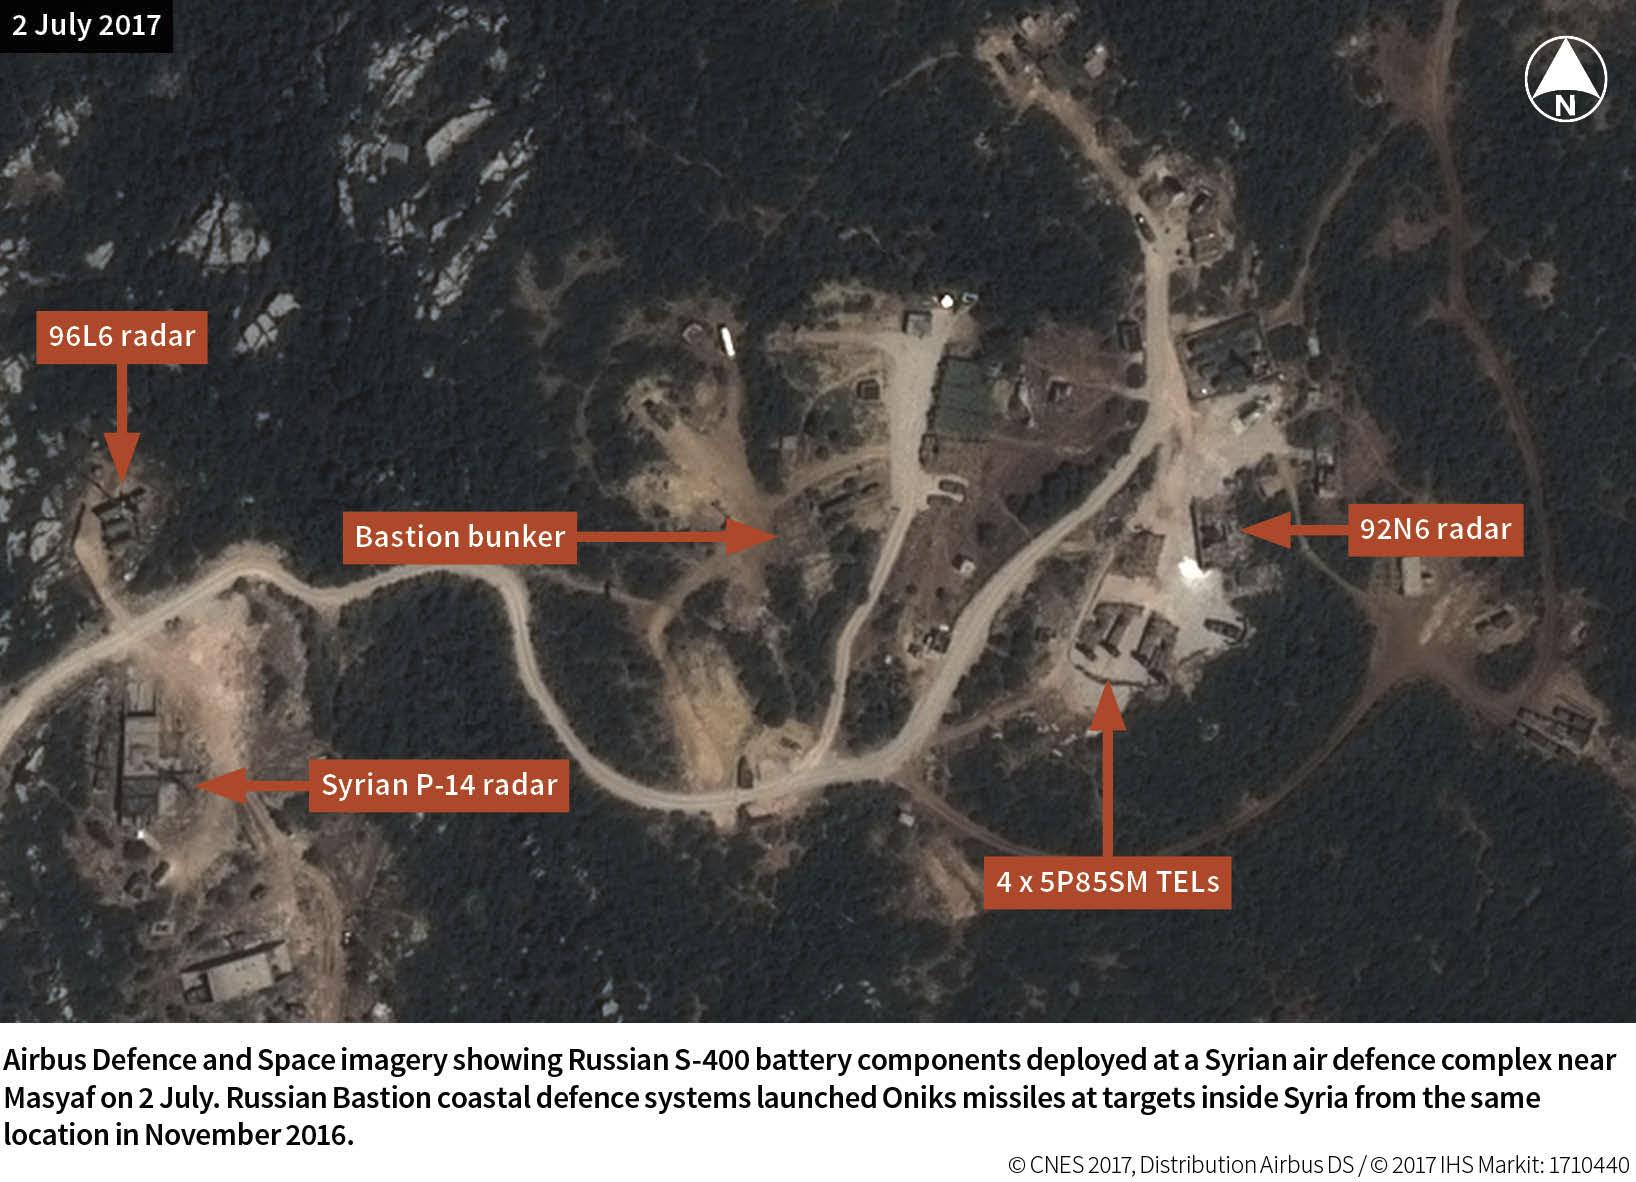 Датированный 2 июля 2017 года космический снимок позиции второго развернутого в Сирии российского дивизиона зенитной ракетной системы С-400 в 13 км северо-западнее сирийского города Масьяф (провинция Хама).